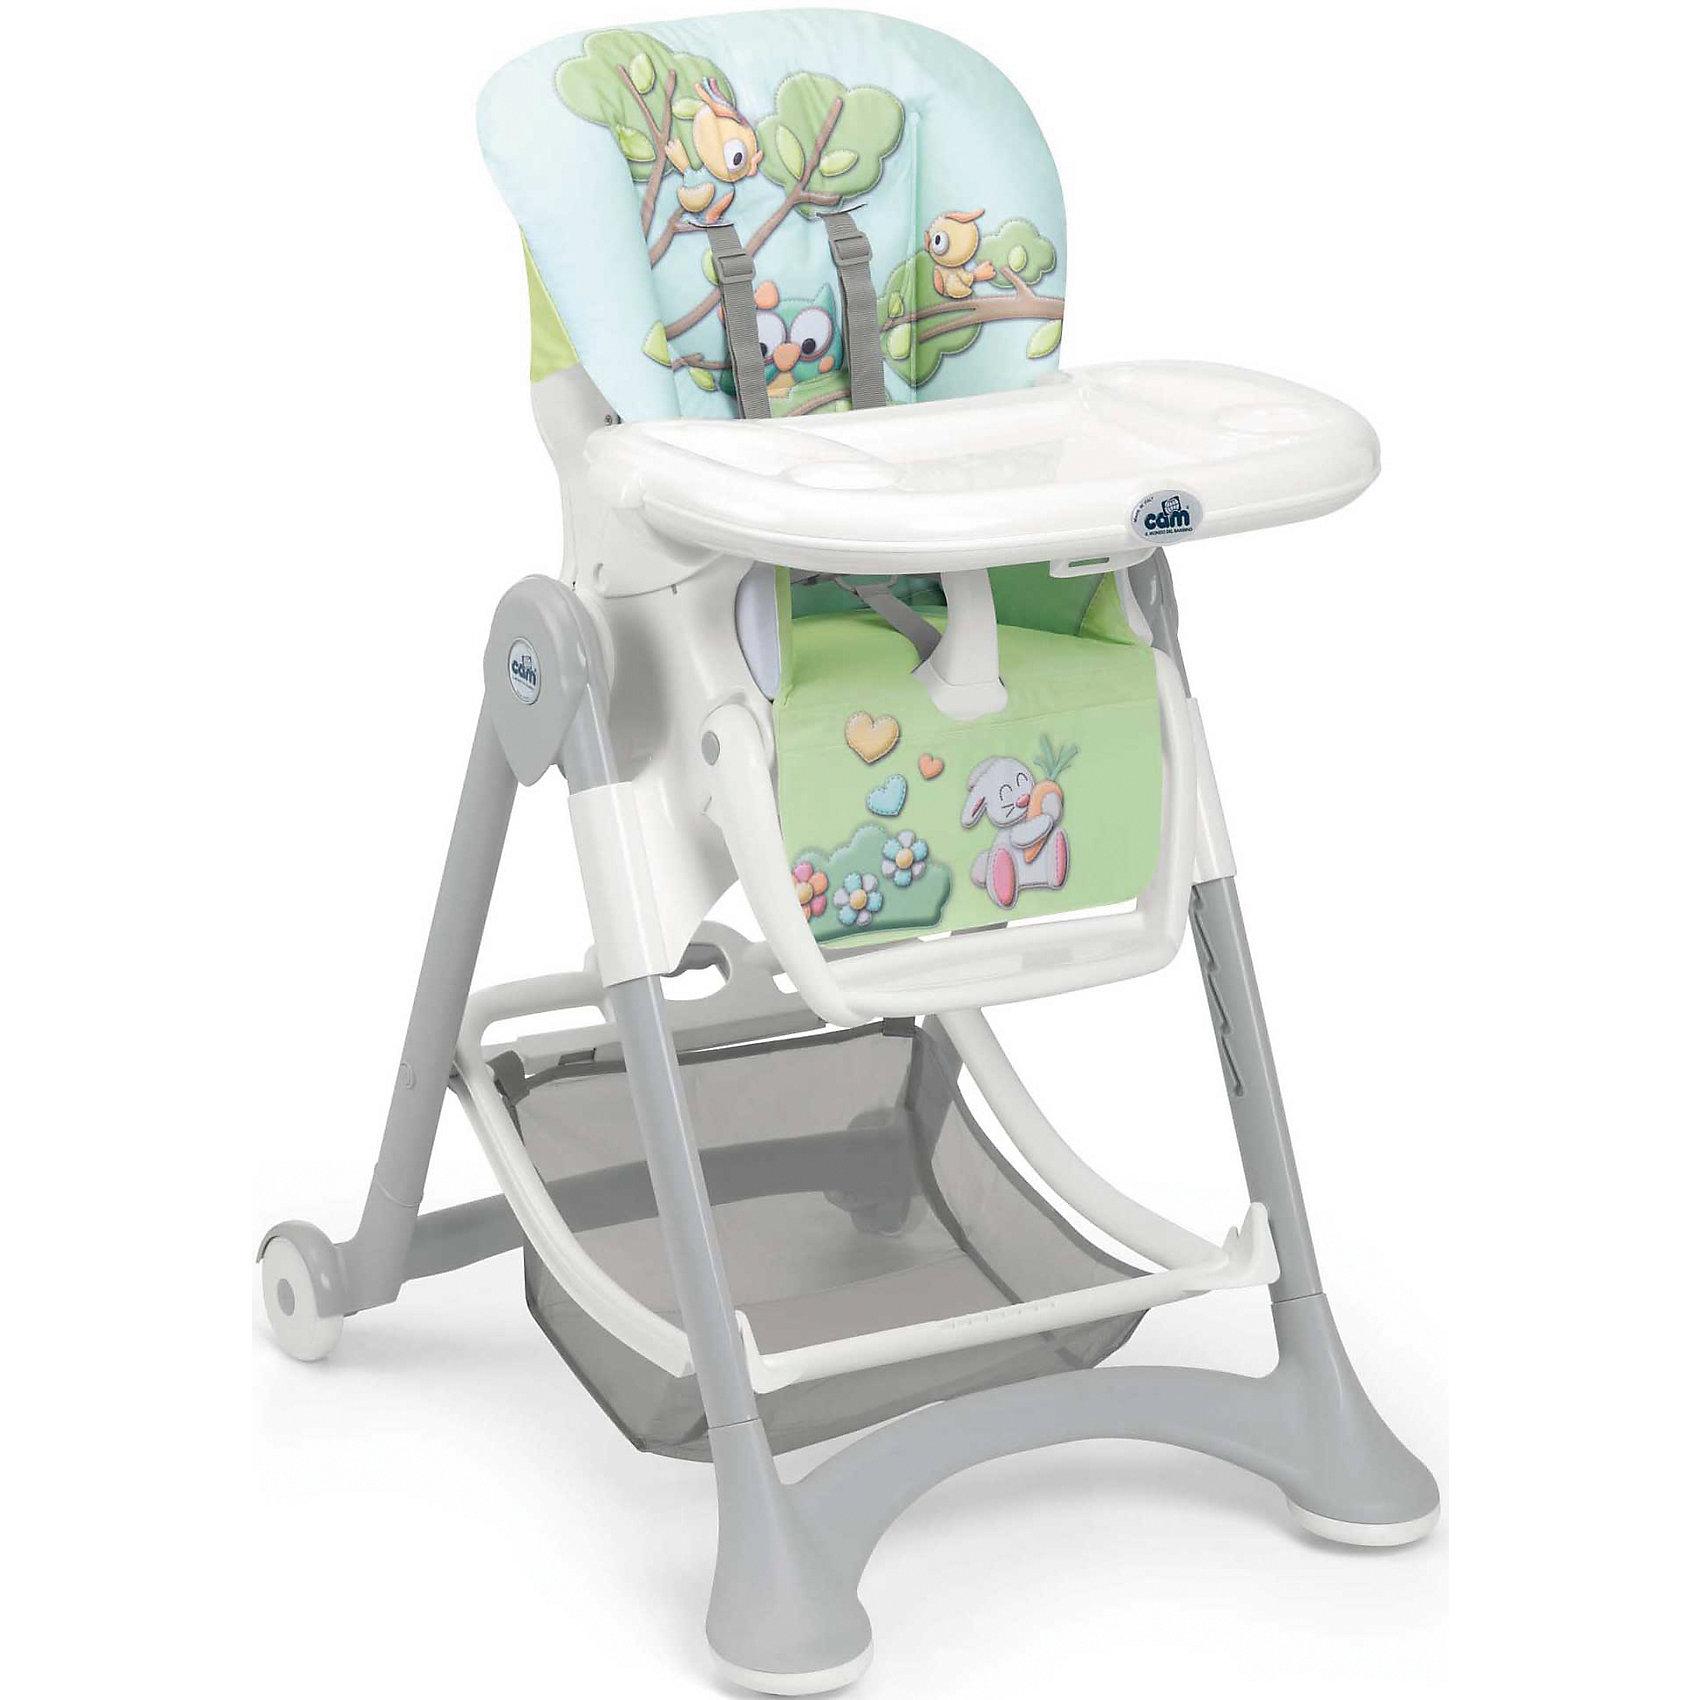 Стульчик для кормления Campione Совы, CAM, голубойОчень удобный и комфортный стульчик для кормления обязательно понравится малышам! Мягкое сиденье с регулируемой  спинкой, страховочными ремнями и удобным разделителем для ног обеспечит малышам комфорт и безопасность. Стульчик имеет колесики, облегчающие перемещение по квартире; удобную подставку для ножек ребенка; съемный стол можно мыть в посудомоечной машине. Стул выполнен в приятной цветовой гамме, изготовлен из высококачественных прочных и экологичных материалов. Передняя часть рамы снабжена нескользящими ножками, которые обеспечивают дополнительную безопасность. Под сиденьем располагается большая корзина для игрушек и вещей. <br><br>Дополнительная информация:<br><br>- Материал: пластик, металл, <br>- Размер в разложенном виде: 61х84х109 см.<br>- Размер в сложенном виде: 61х40х97 см.<br>- Колесики.<br>- Вместительная корзина внизу. <br>- Нескользящие ножки.<br>- Регулируемый наклон спинки ( до положения лежа).<br>- Компактно складывается.<br>- Съемный стол (можно мыть в посудомоечной машине).<br>- Регулировка по высоте.<br>- Регулируемая подножка.<br>- 5-ти точечные ремни безопасности.<br>- Чехол снимается и легко моется.<br><br>Стульчик для кормления Campione Совы, CAM, голубой, можно купить в нашем магазине.<br><br>Ширина мм: 627<br>Глубина мм: 307<br>Высота мм: 980<br>Вес г: 12100<br>Возраст от месяцев: 6<br>Возраст до месяцев: 36<br>Пол: Унисекс<br>Возраст: Детский<br>SKU: 4443763